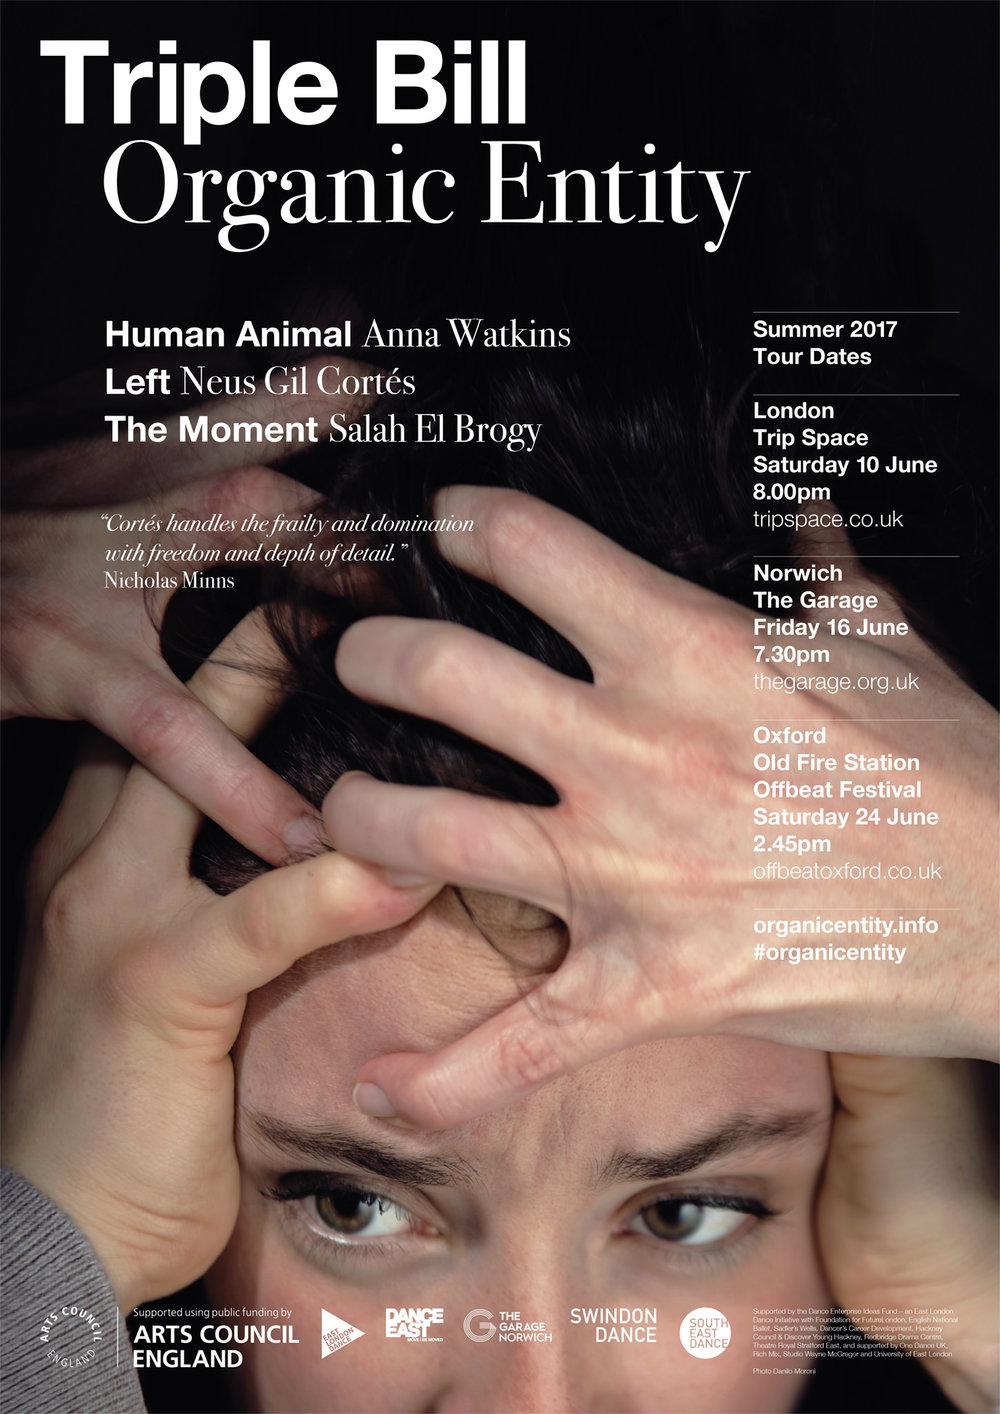 ORGANIC ENTITY - NEUS GIL CORTÉS